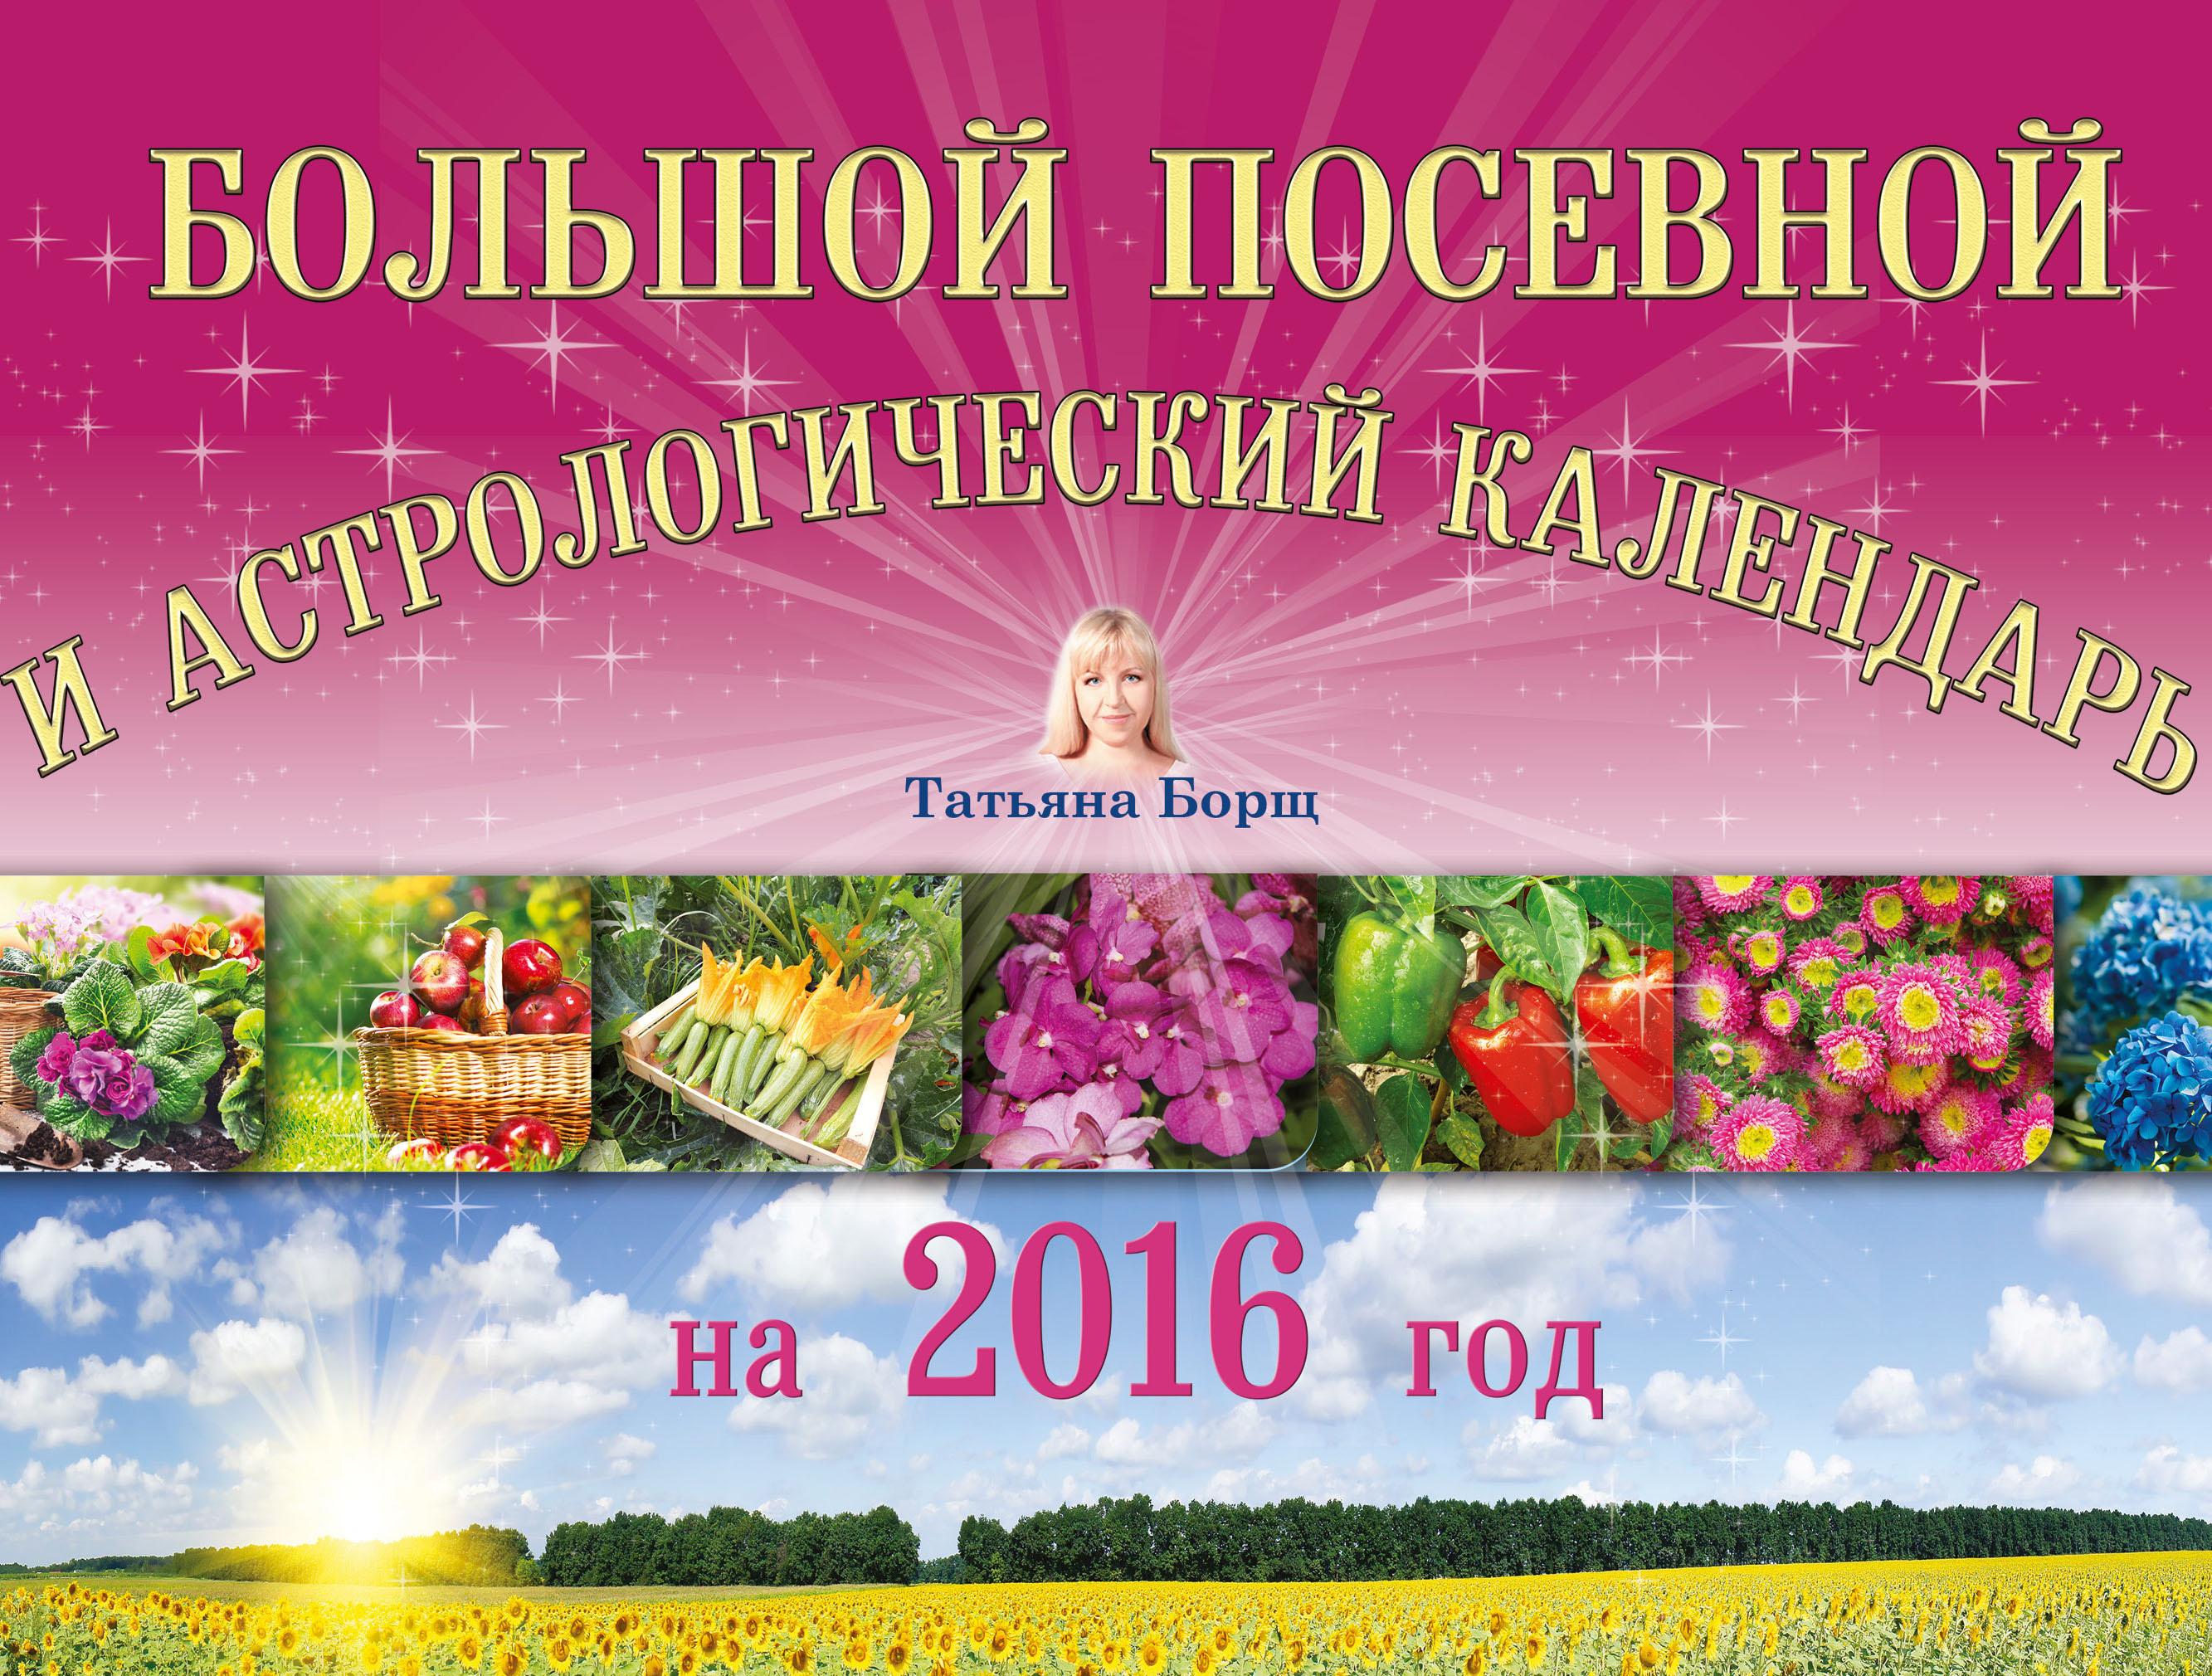 Татьяна Борщ Большой посевной и астрологический календарь на 2016 год цена